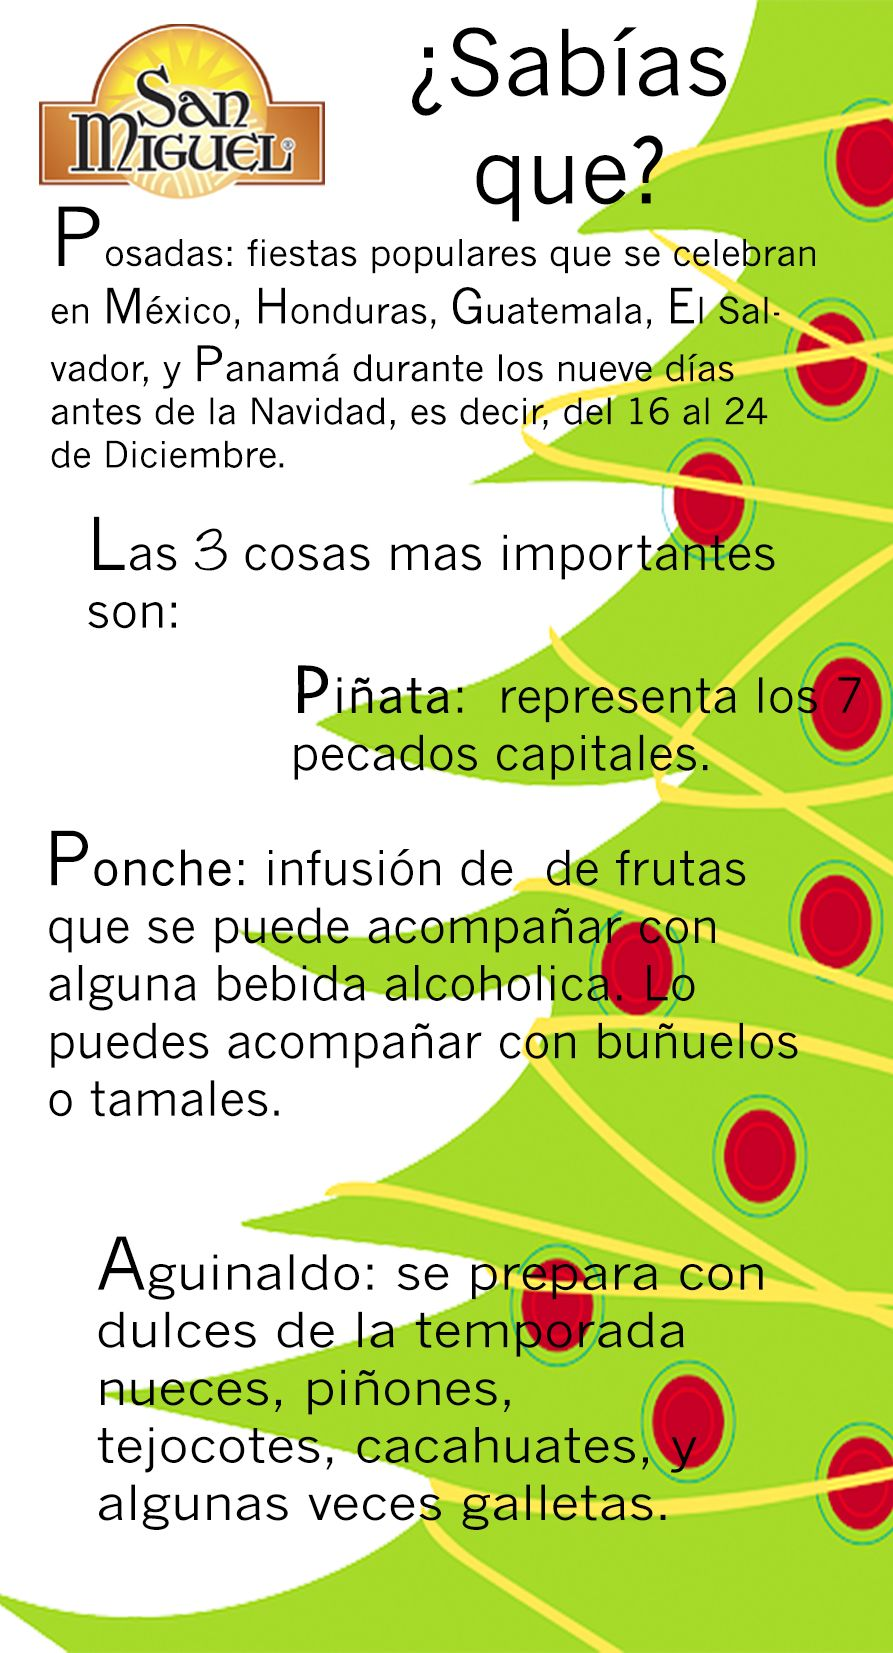 41 Ideas De Tradiciones Navideñas Tradiciones Navideñas Posadas Navideñas Posadas Mexicanas